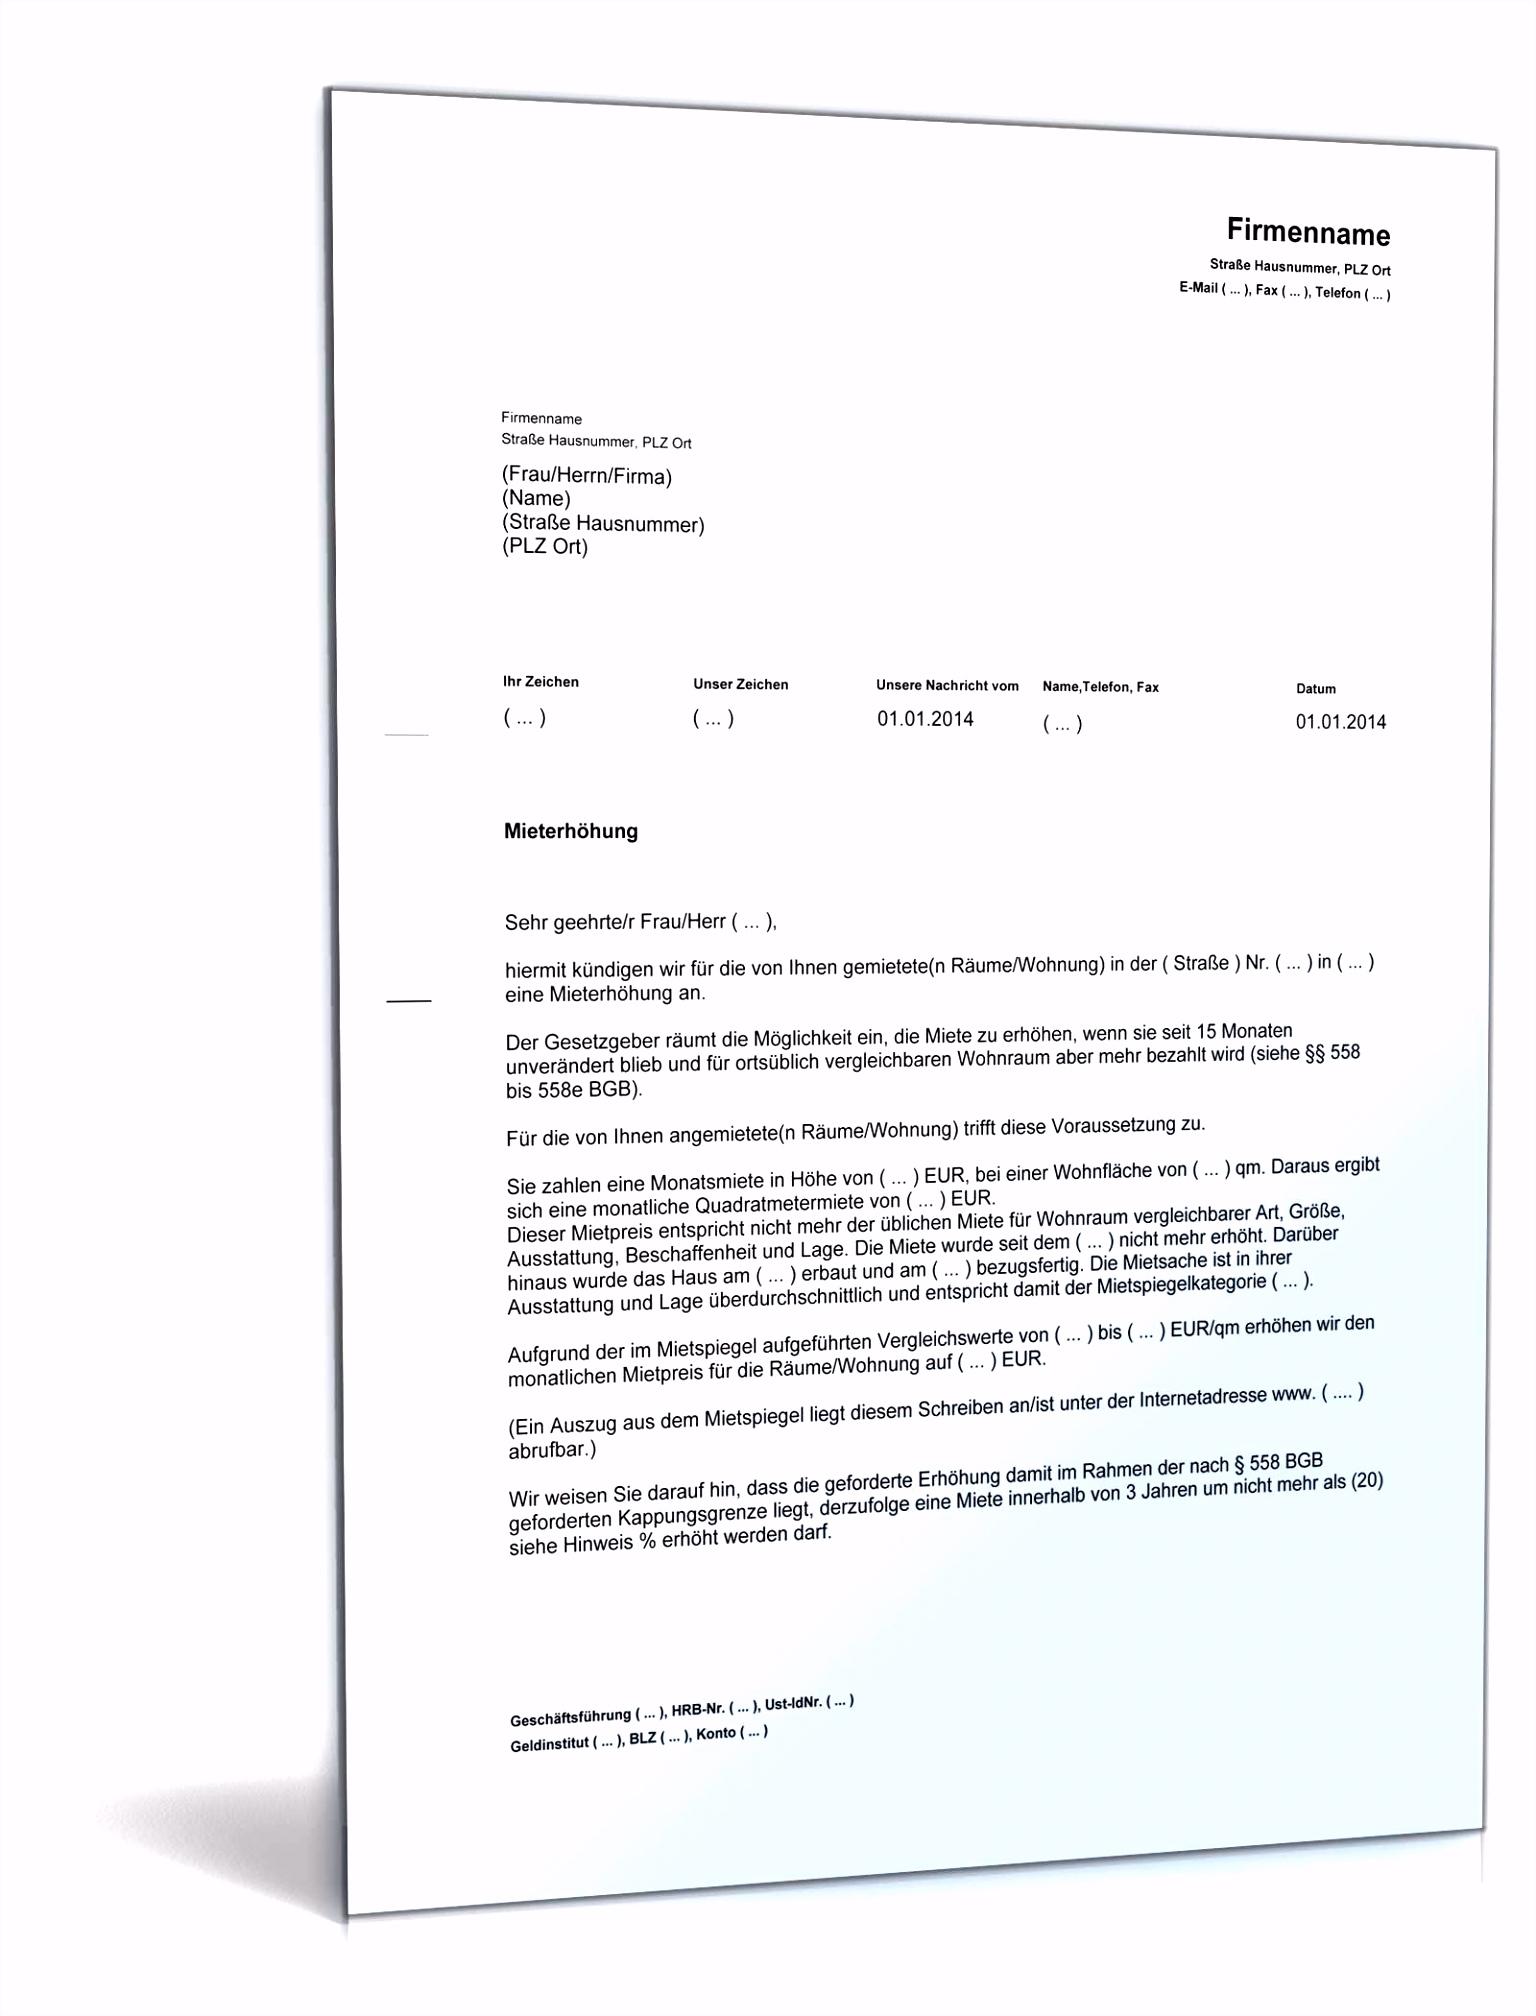 Vorlage Mieterhohung Mietspiegel Ankündigung Mieterhöhung Rechtssicheres Muster Zum Download K6wb87gxe2 Eswy4stgh6